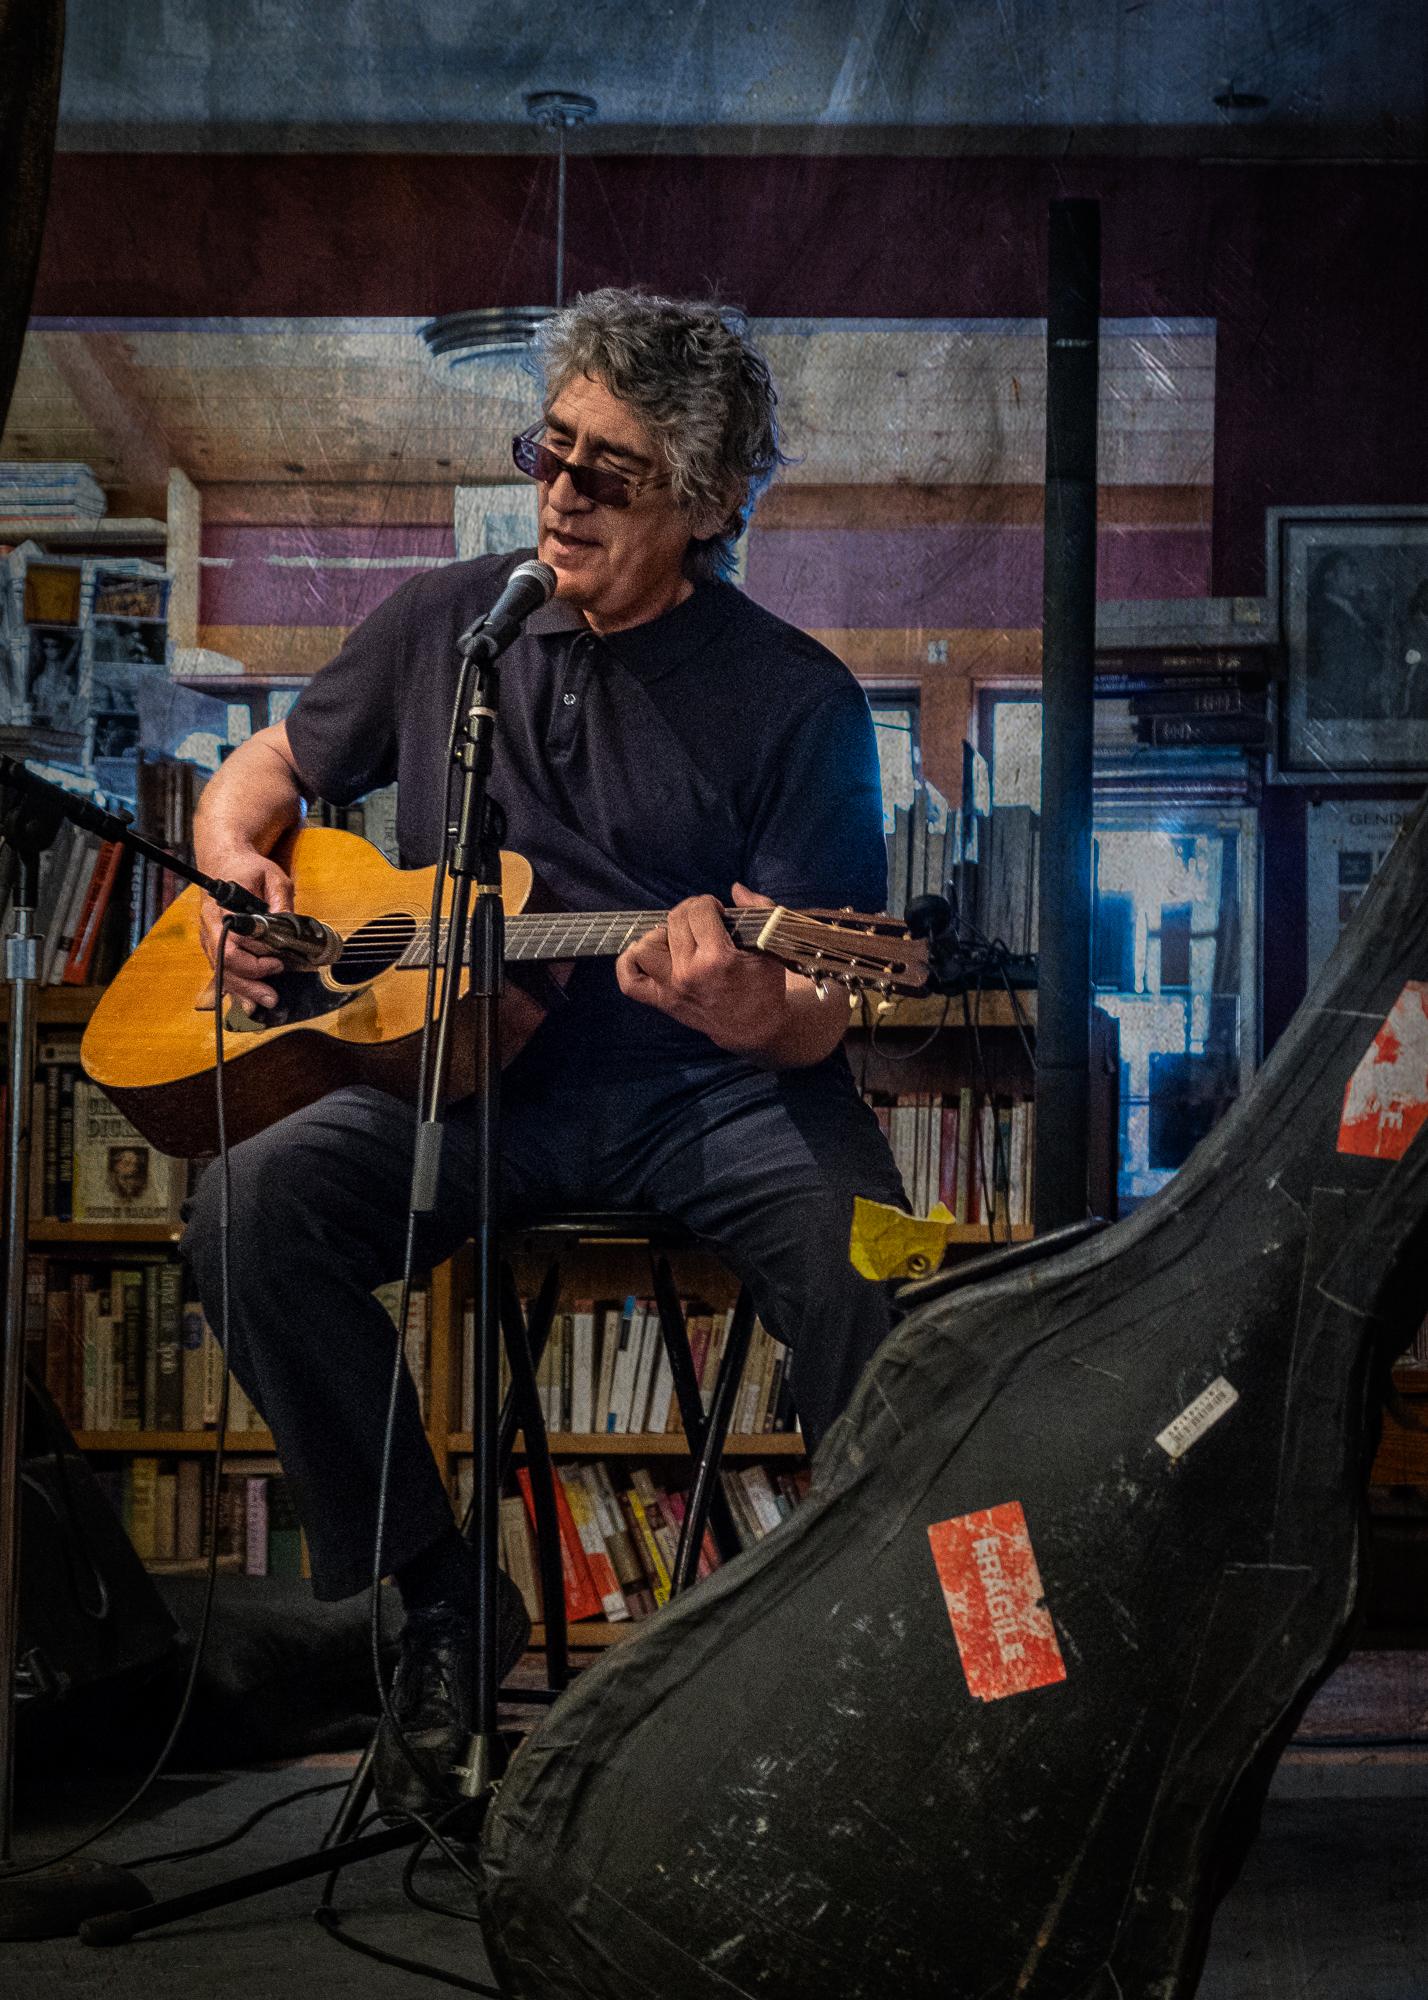 Poet-Singer/Songwriter Joseph Maviglia